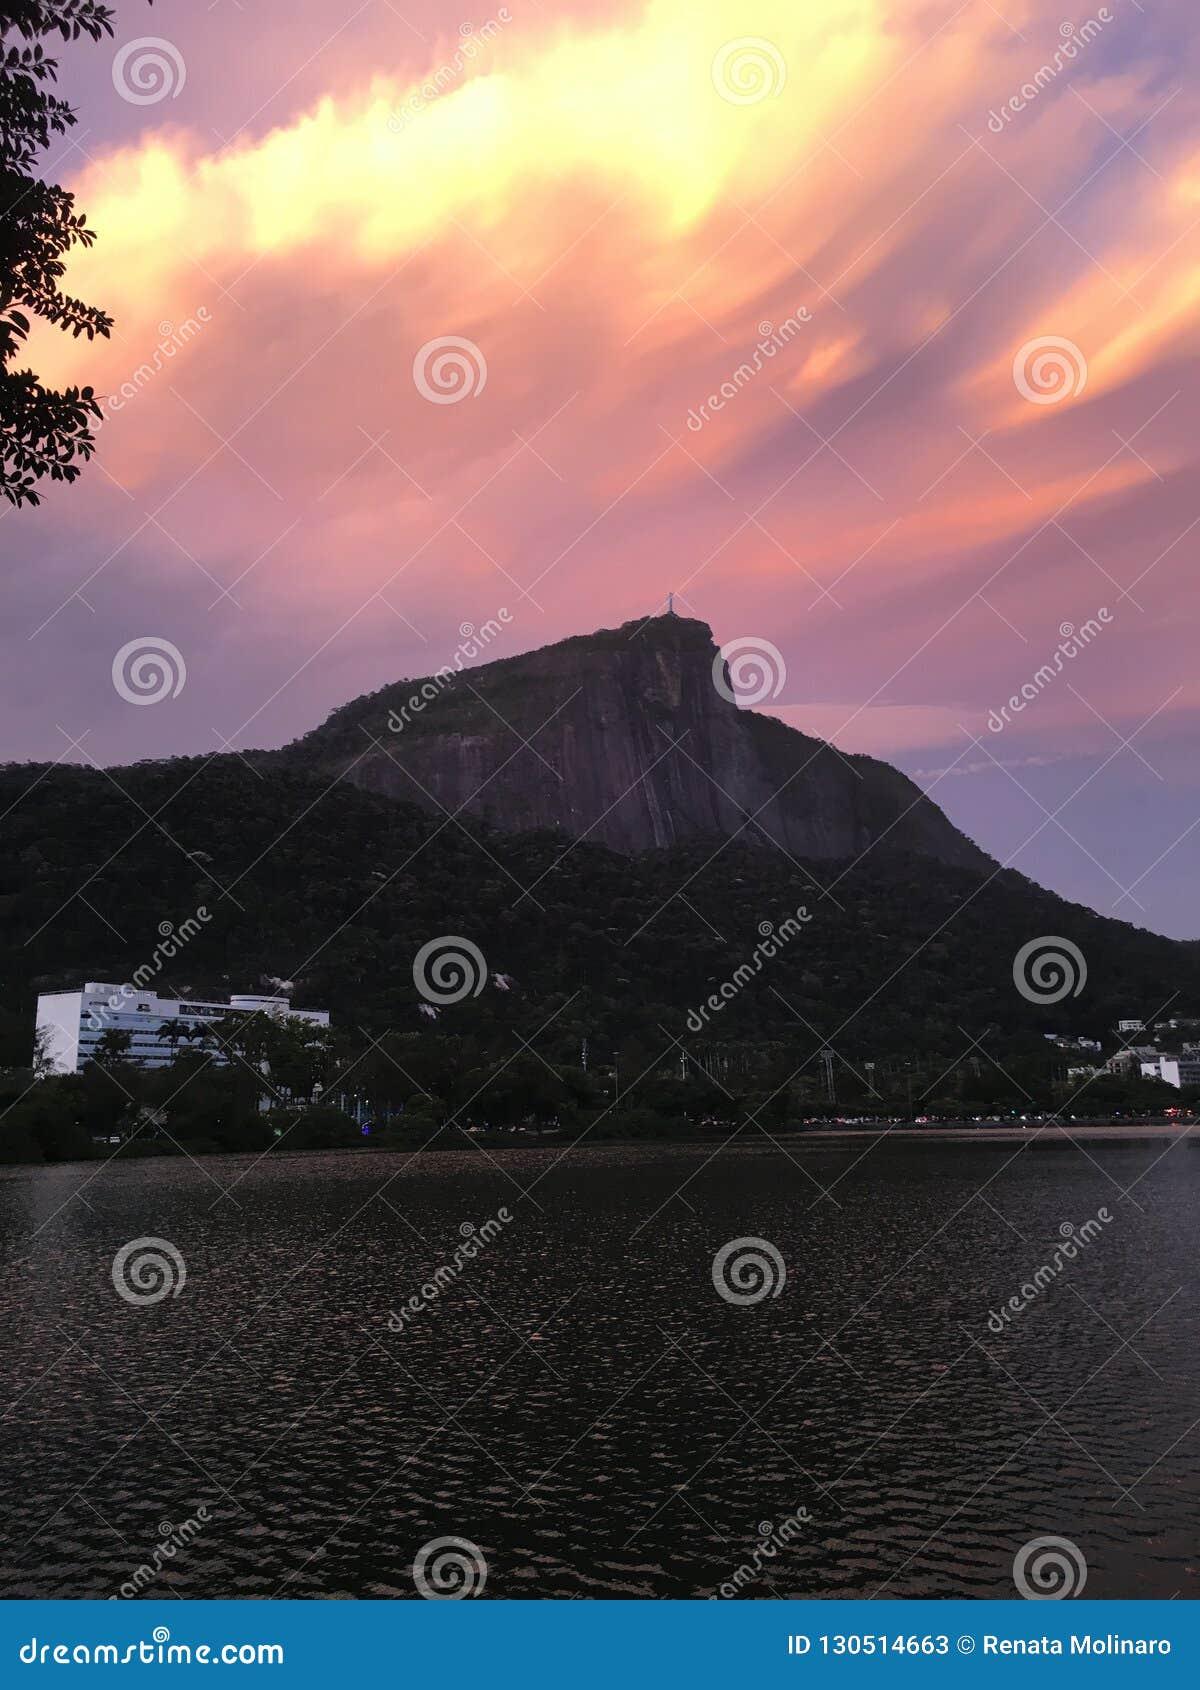 Ζωηρόχρωμο ηλιοβασίλεμα κάτω από Χριστό ο απελευθερωτής στο Ρίο ντε Τζανέιρο - Βραζιλία